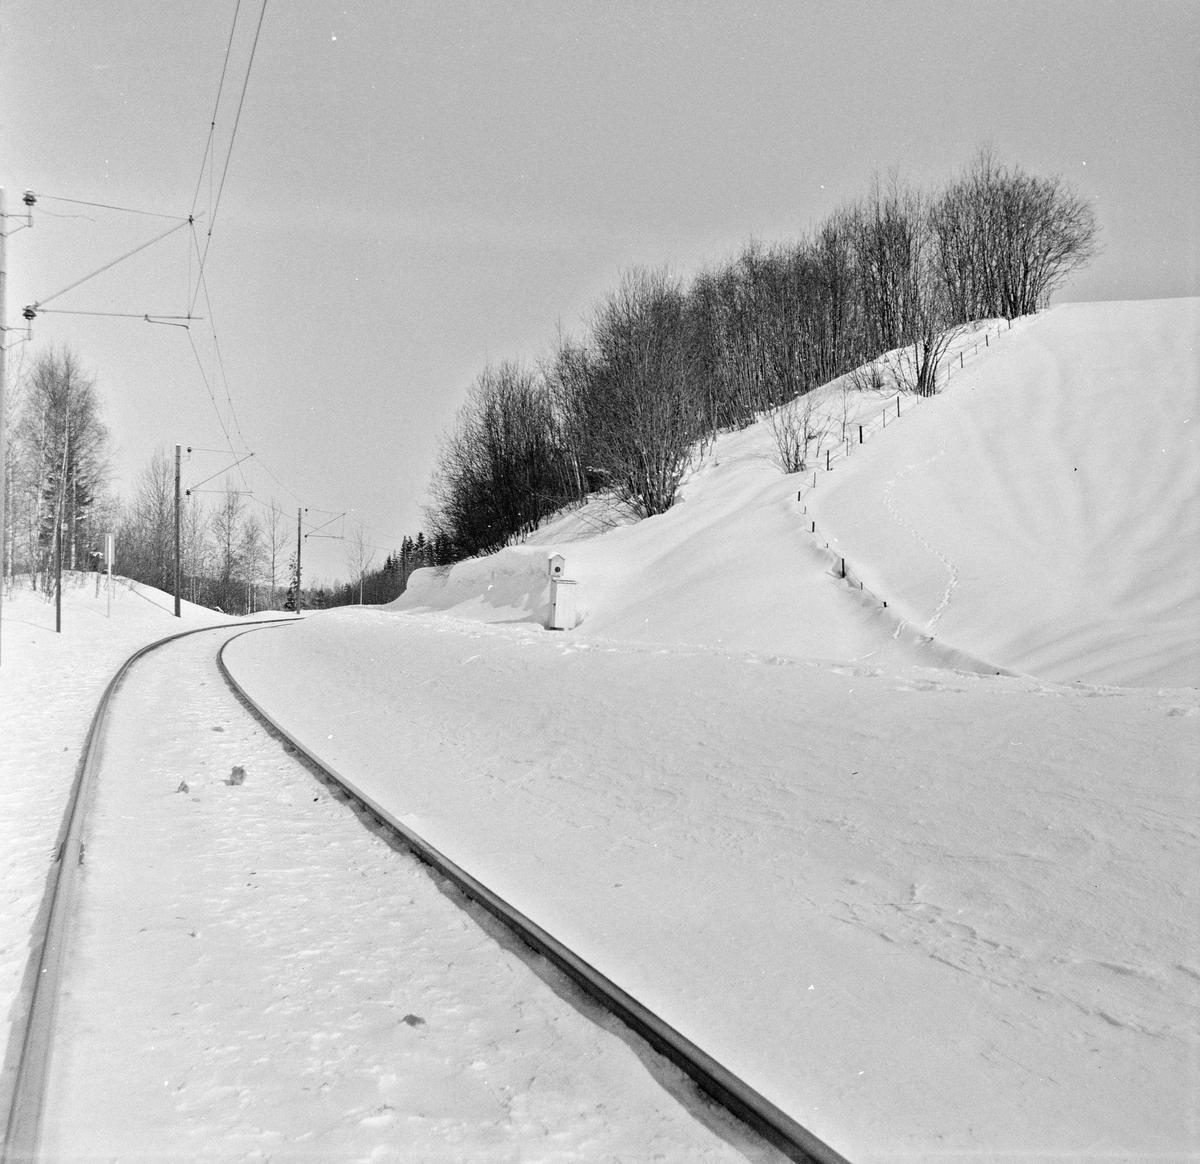 Ved innkjør til Bingsfoss stasjon.